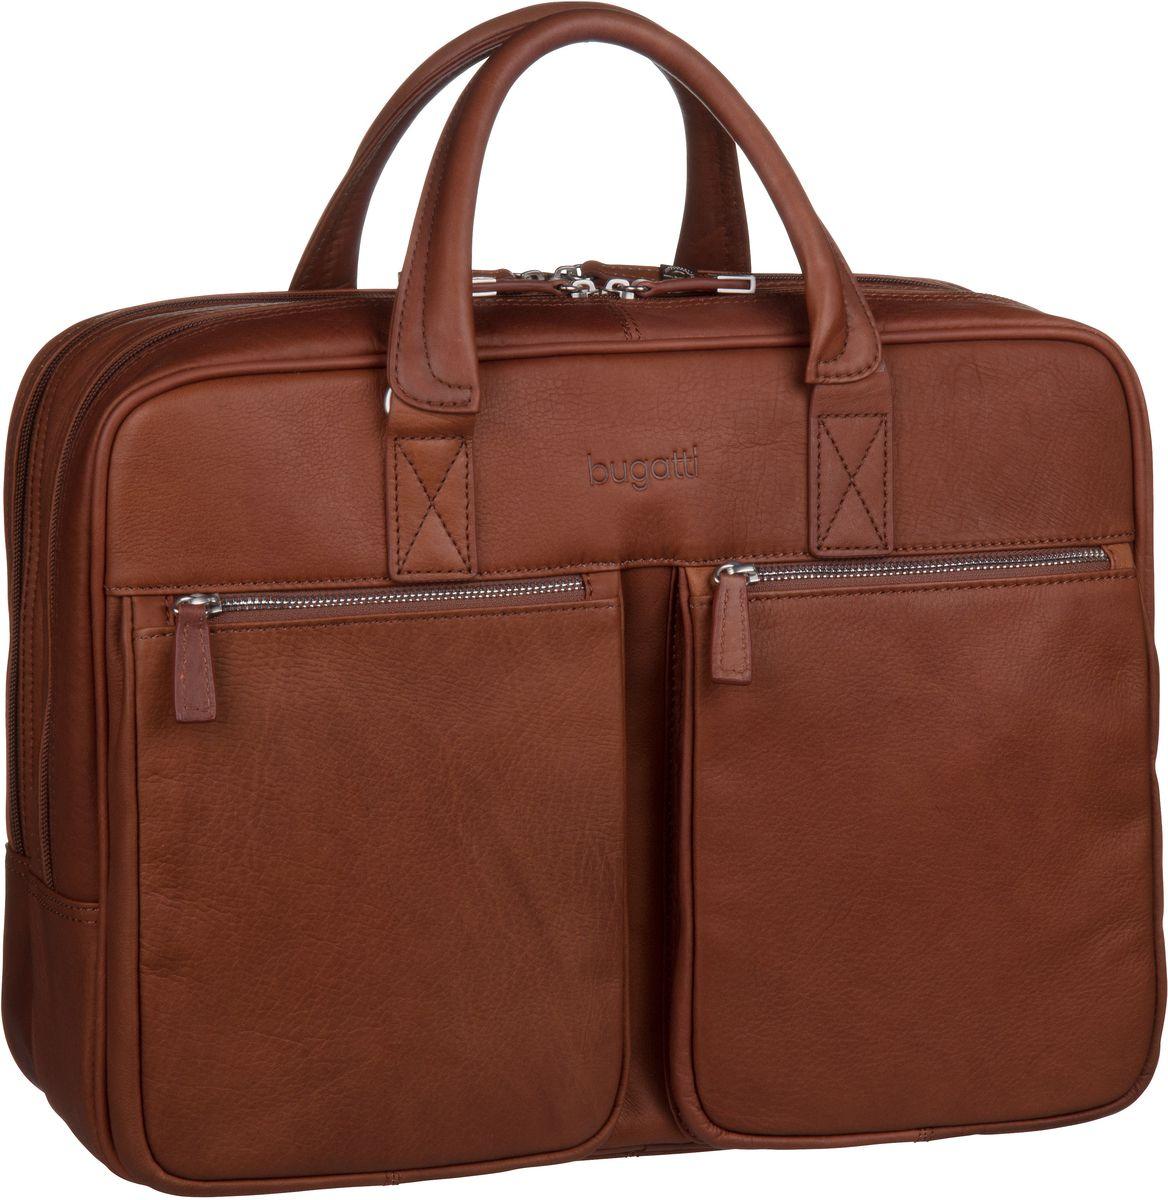 Sartoria Zip Briefcase Large Cognac